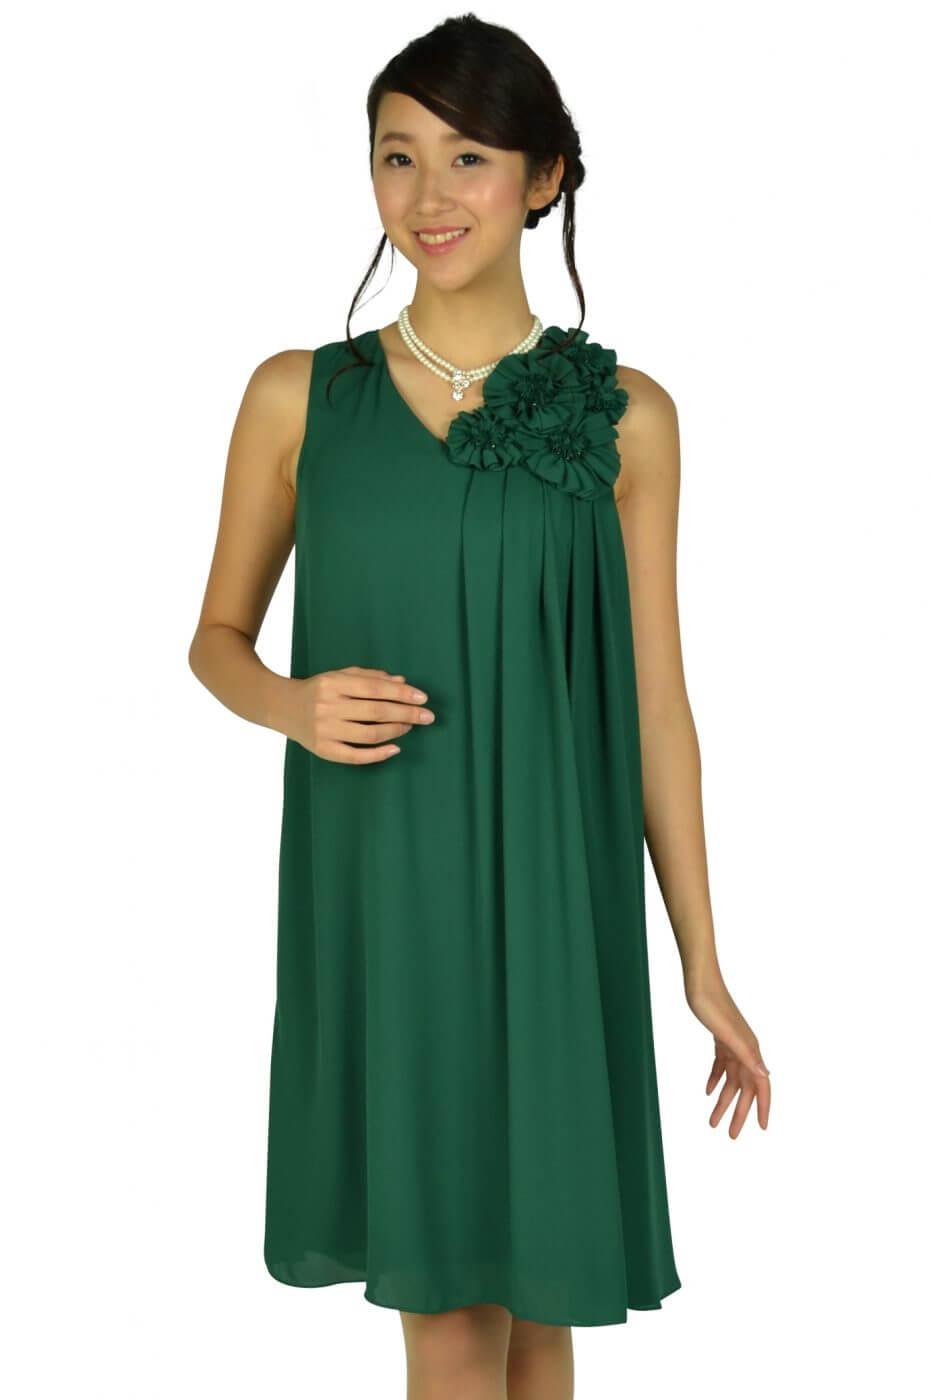 ドーリードール (Dorry Doll)フラワーコサージュグリーンドレス